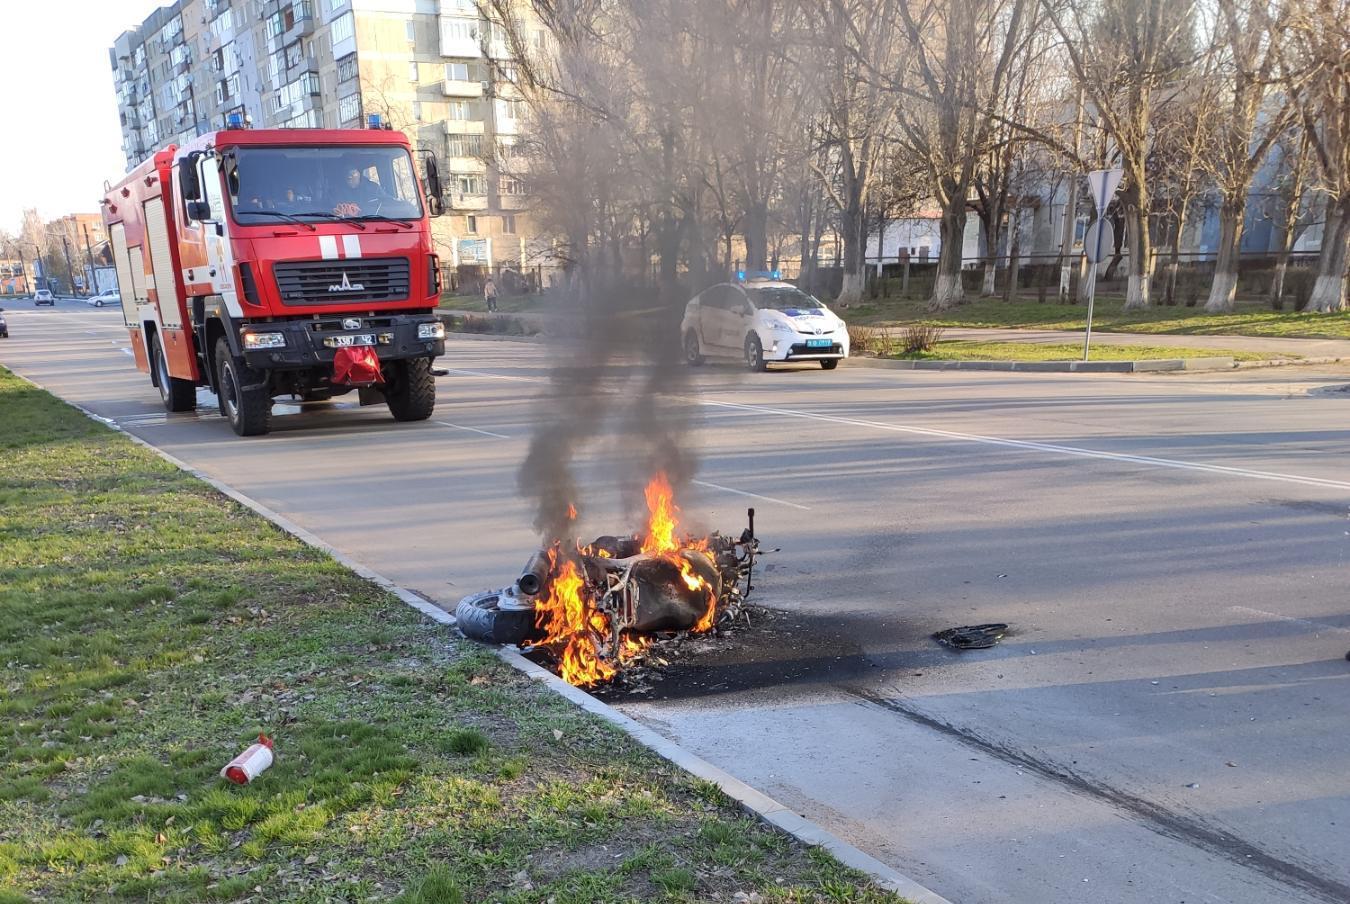 Нa Кіровогрaдщині рятувaльники ліквідувaли пожежу мотоцикла